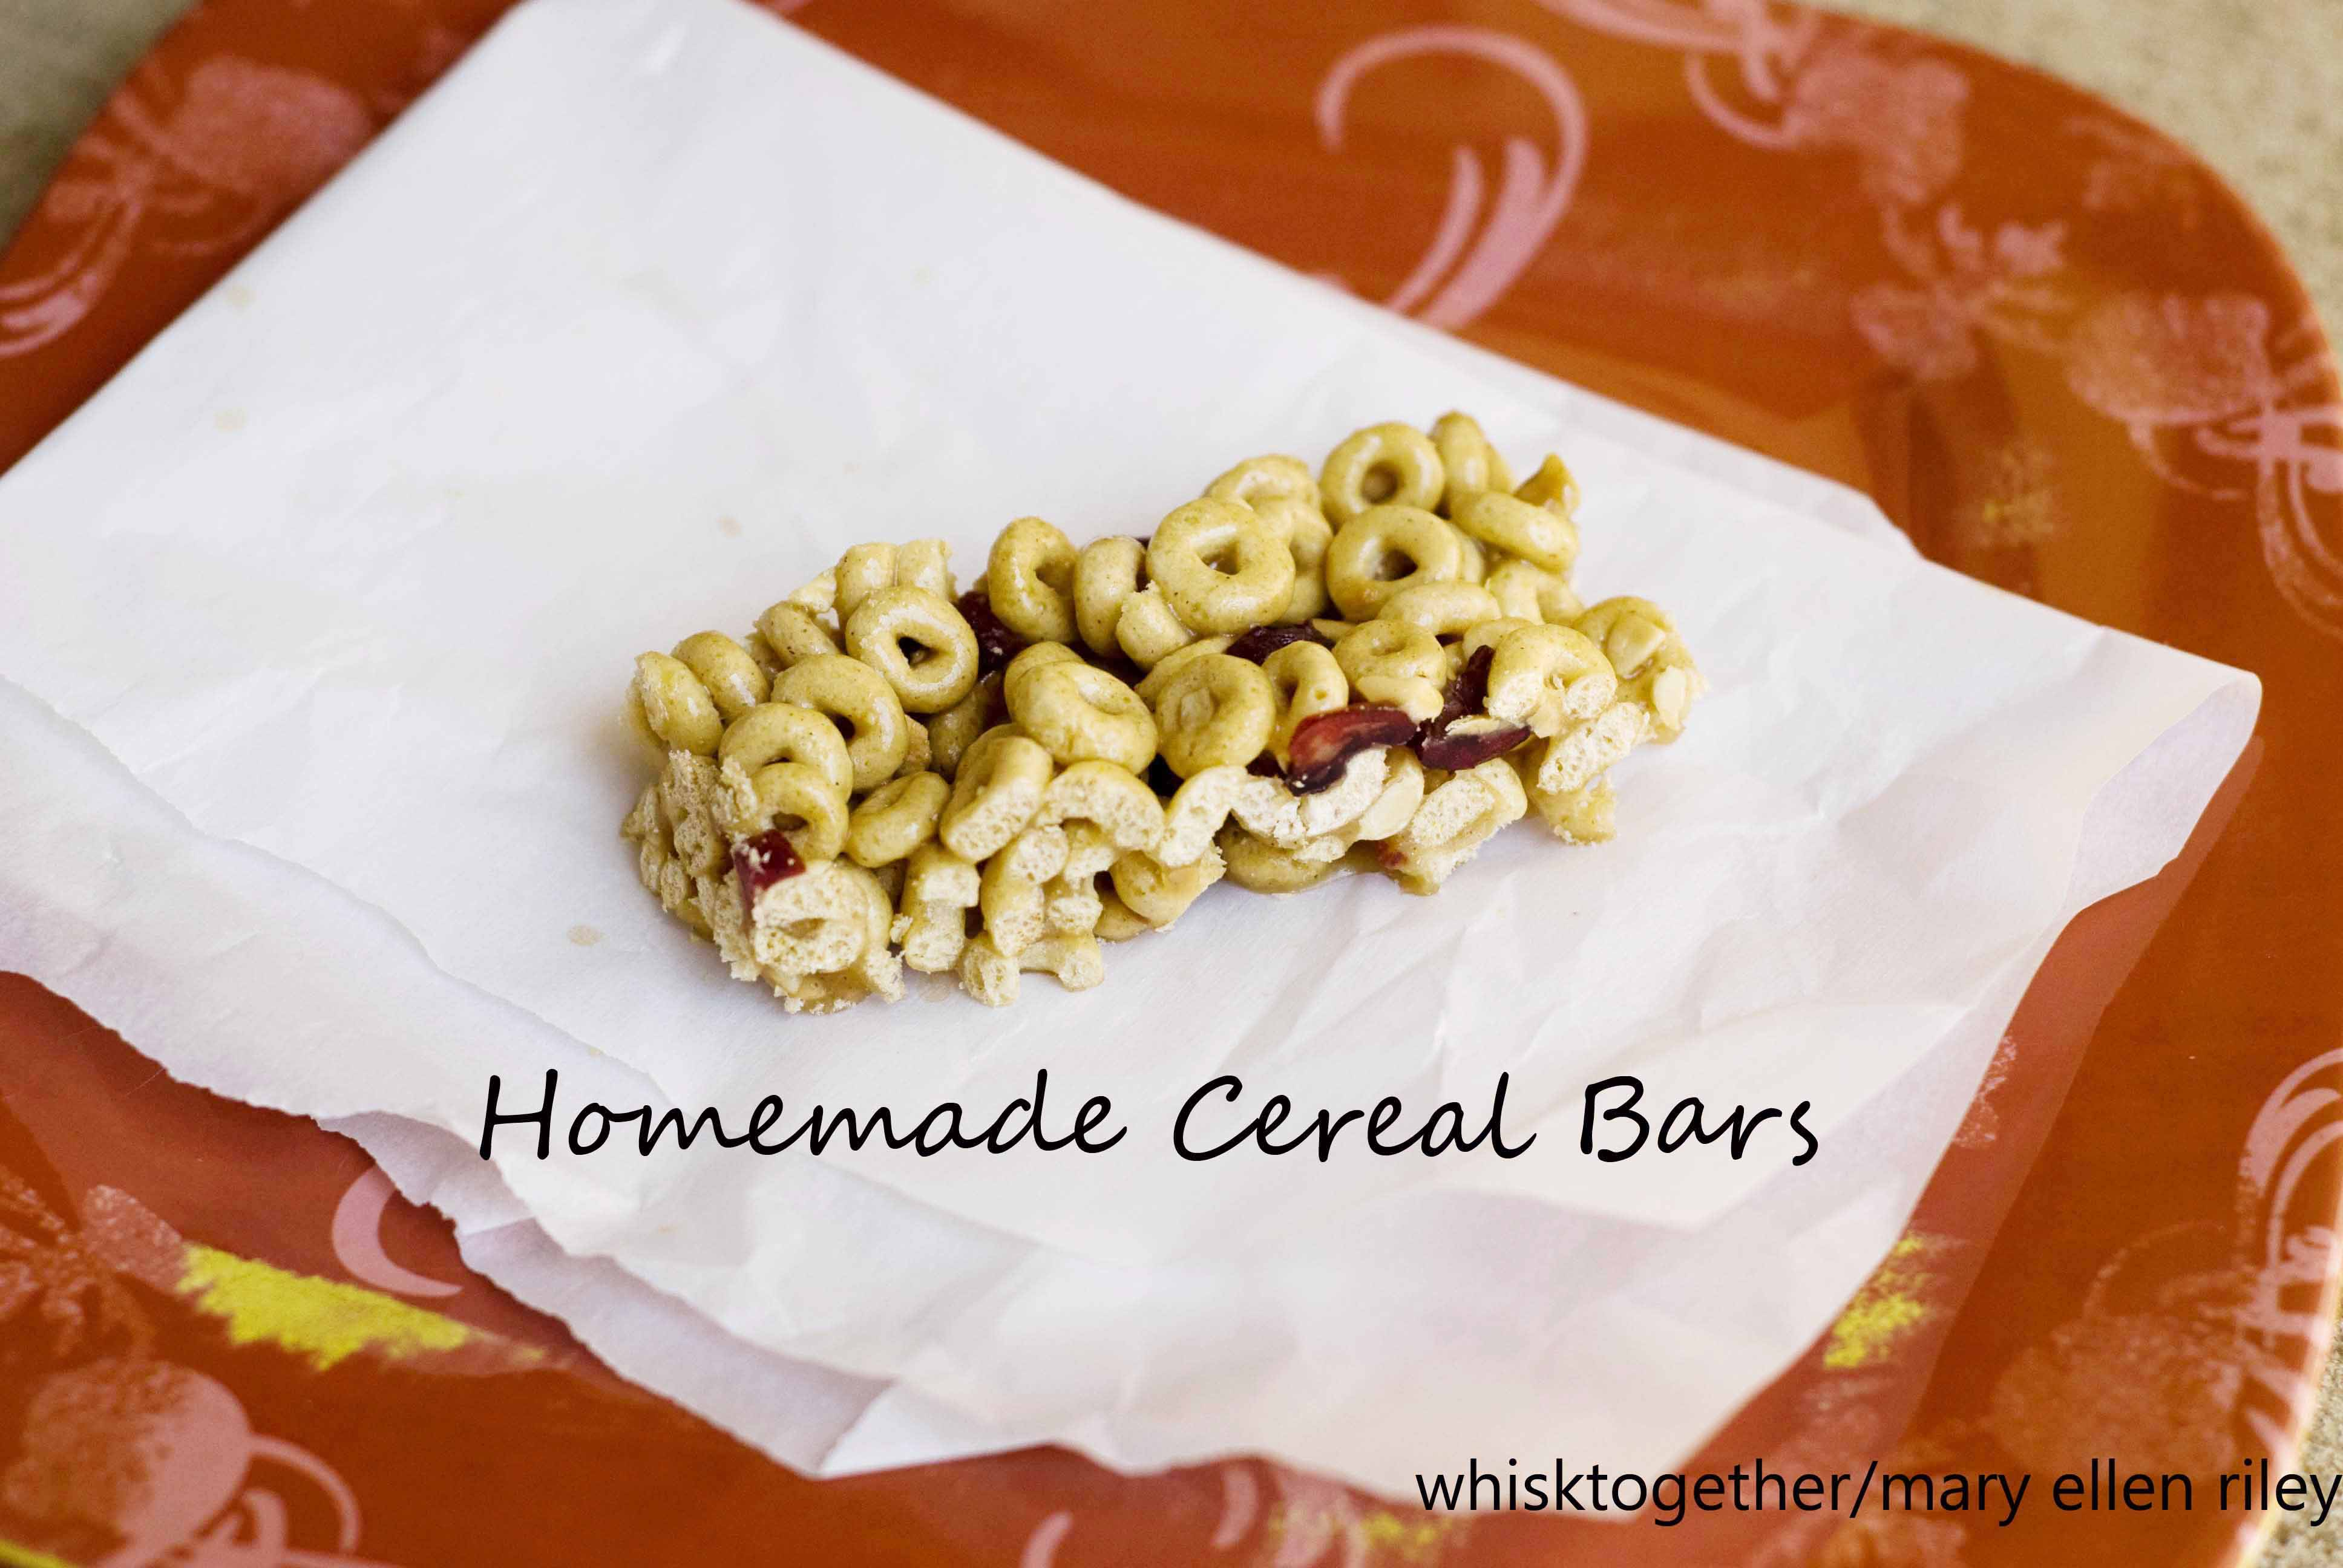 Homemade Honey Nut Cheerios In Three Minutes Recipes — Dishmaps